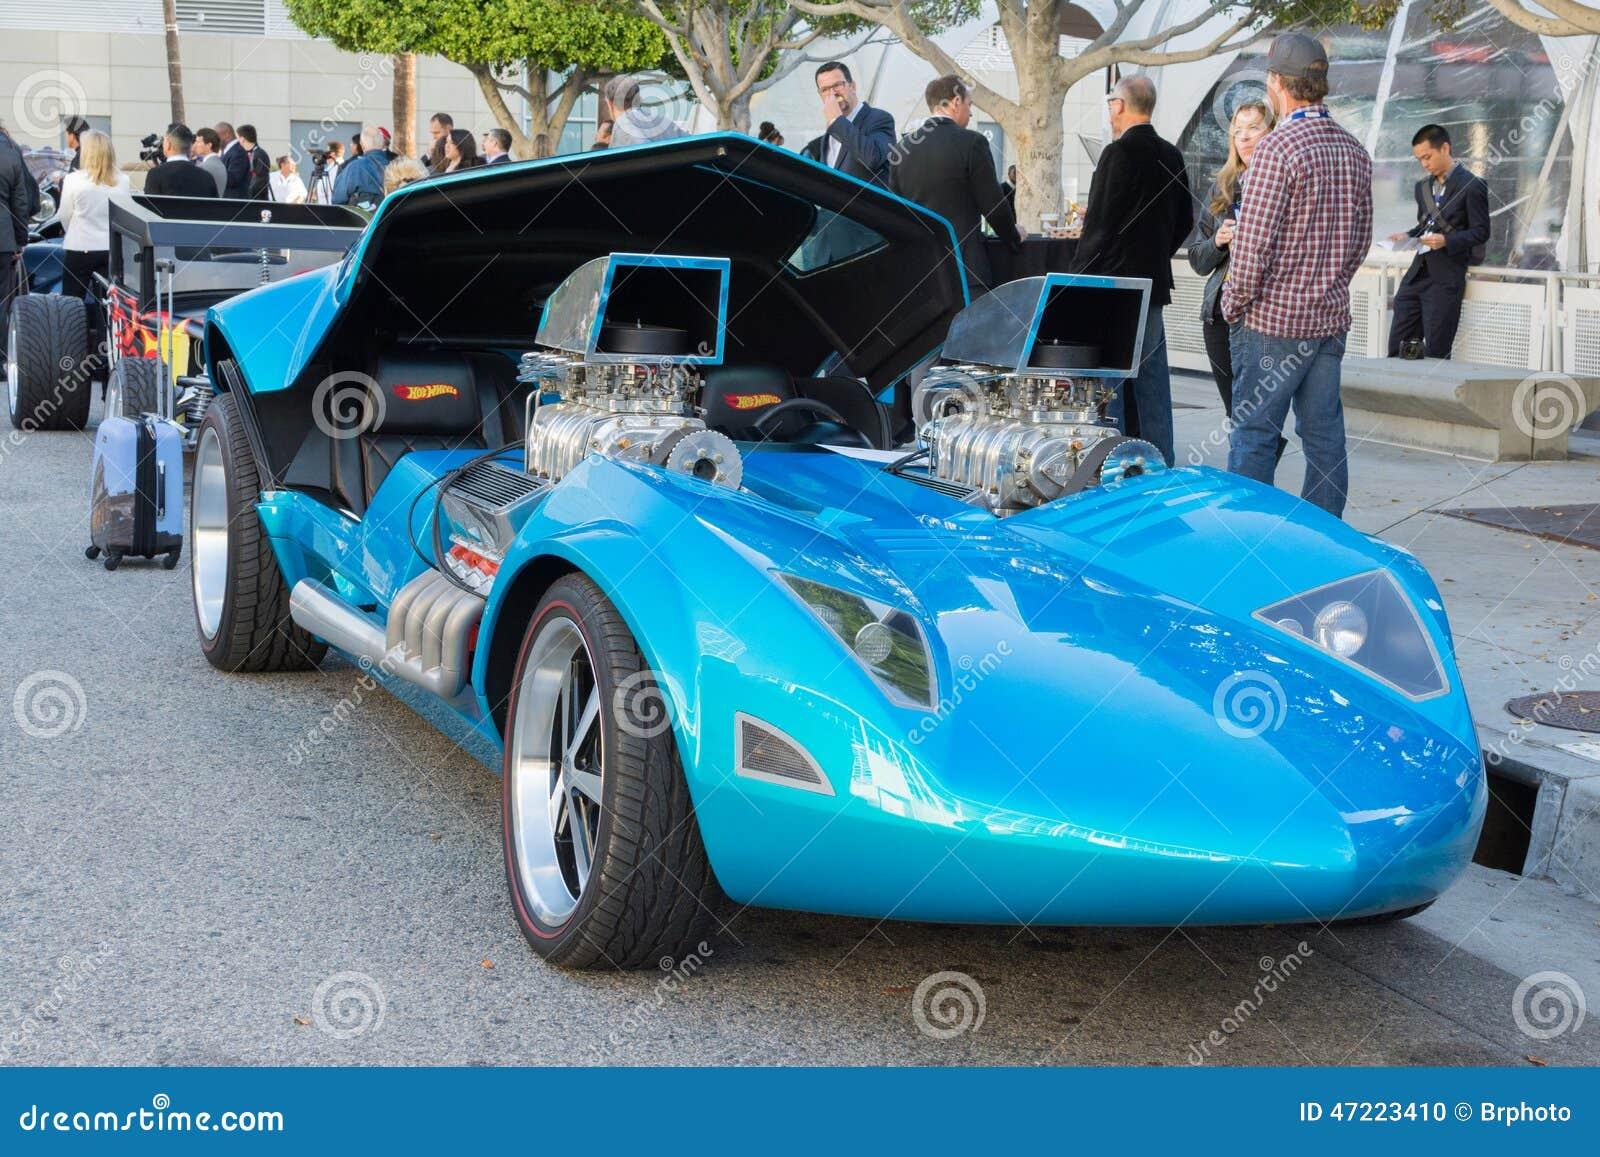 hot wheels car real on display editorial image - Real Hot Wheels Cars